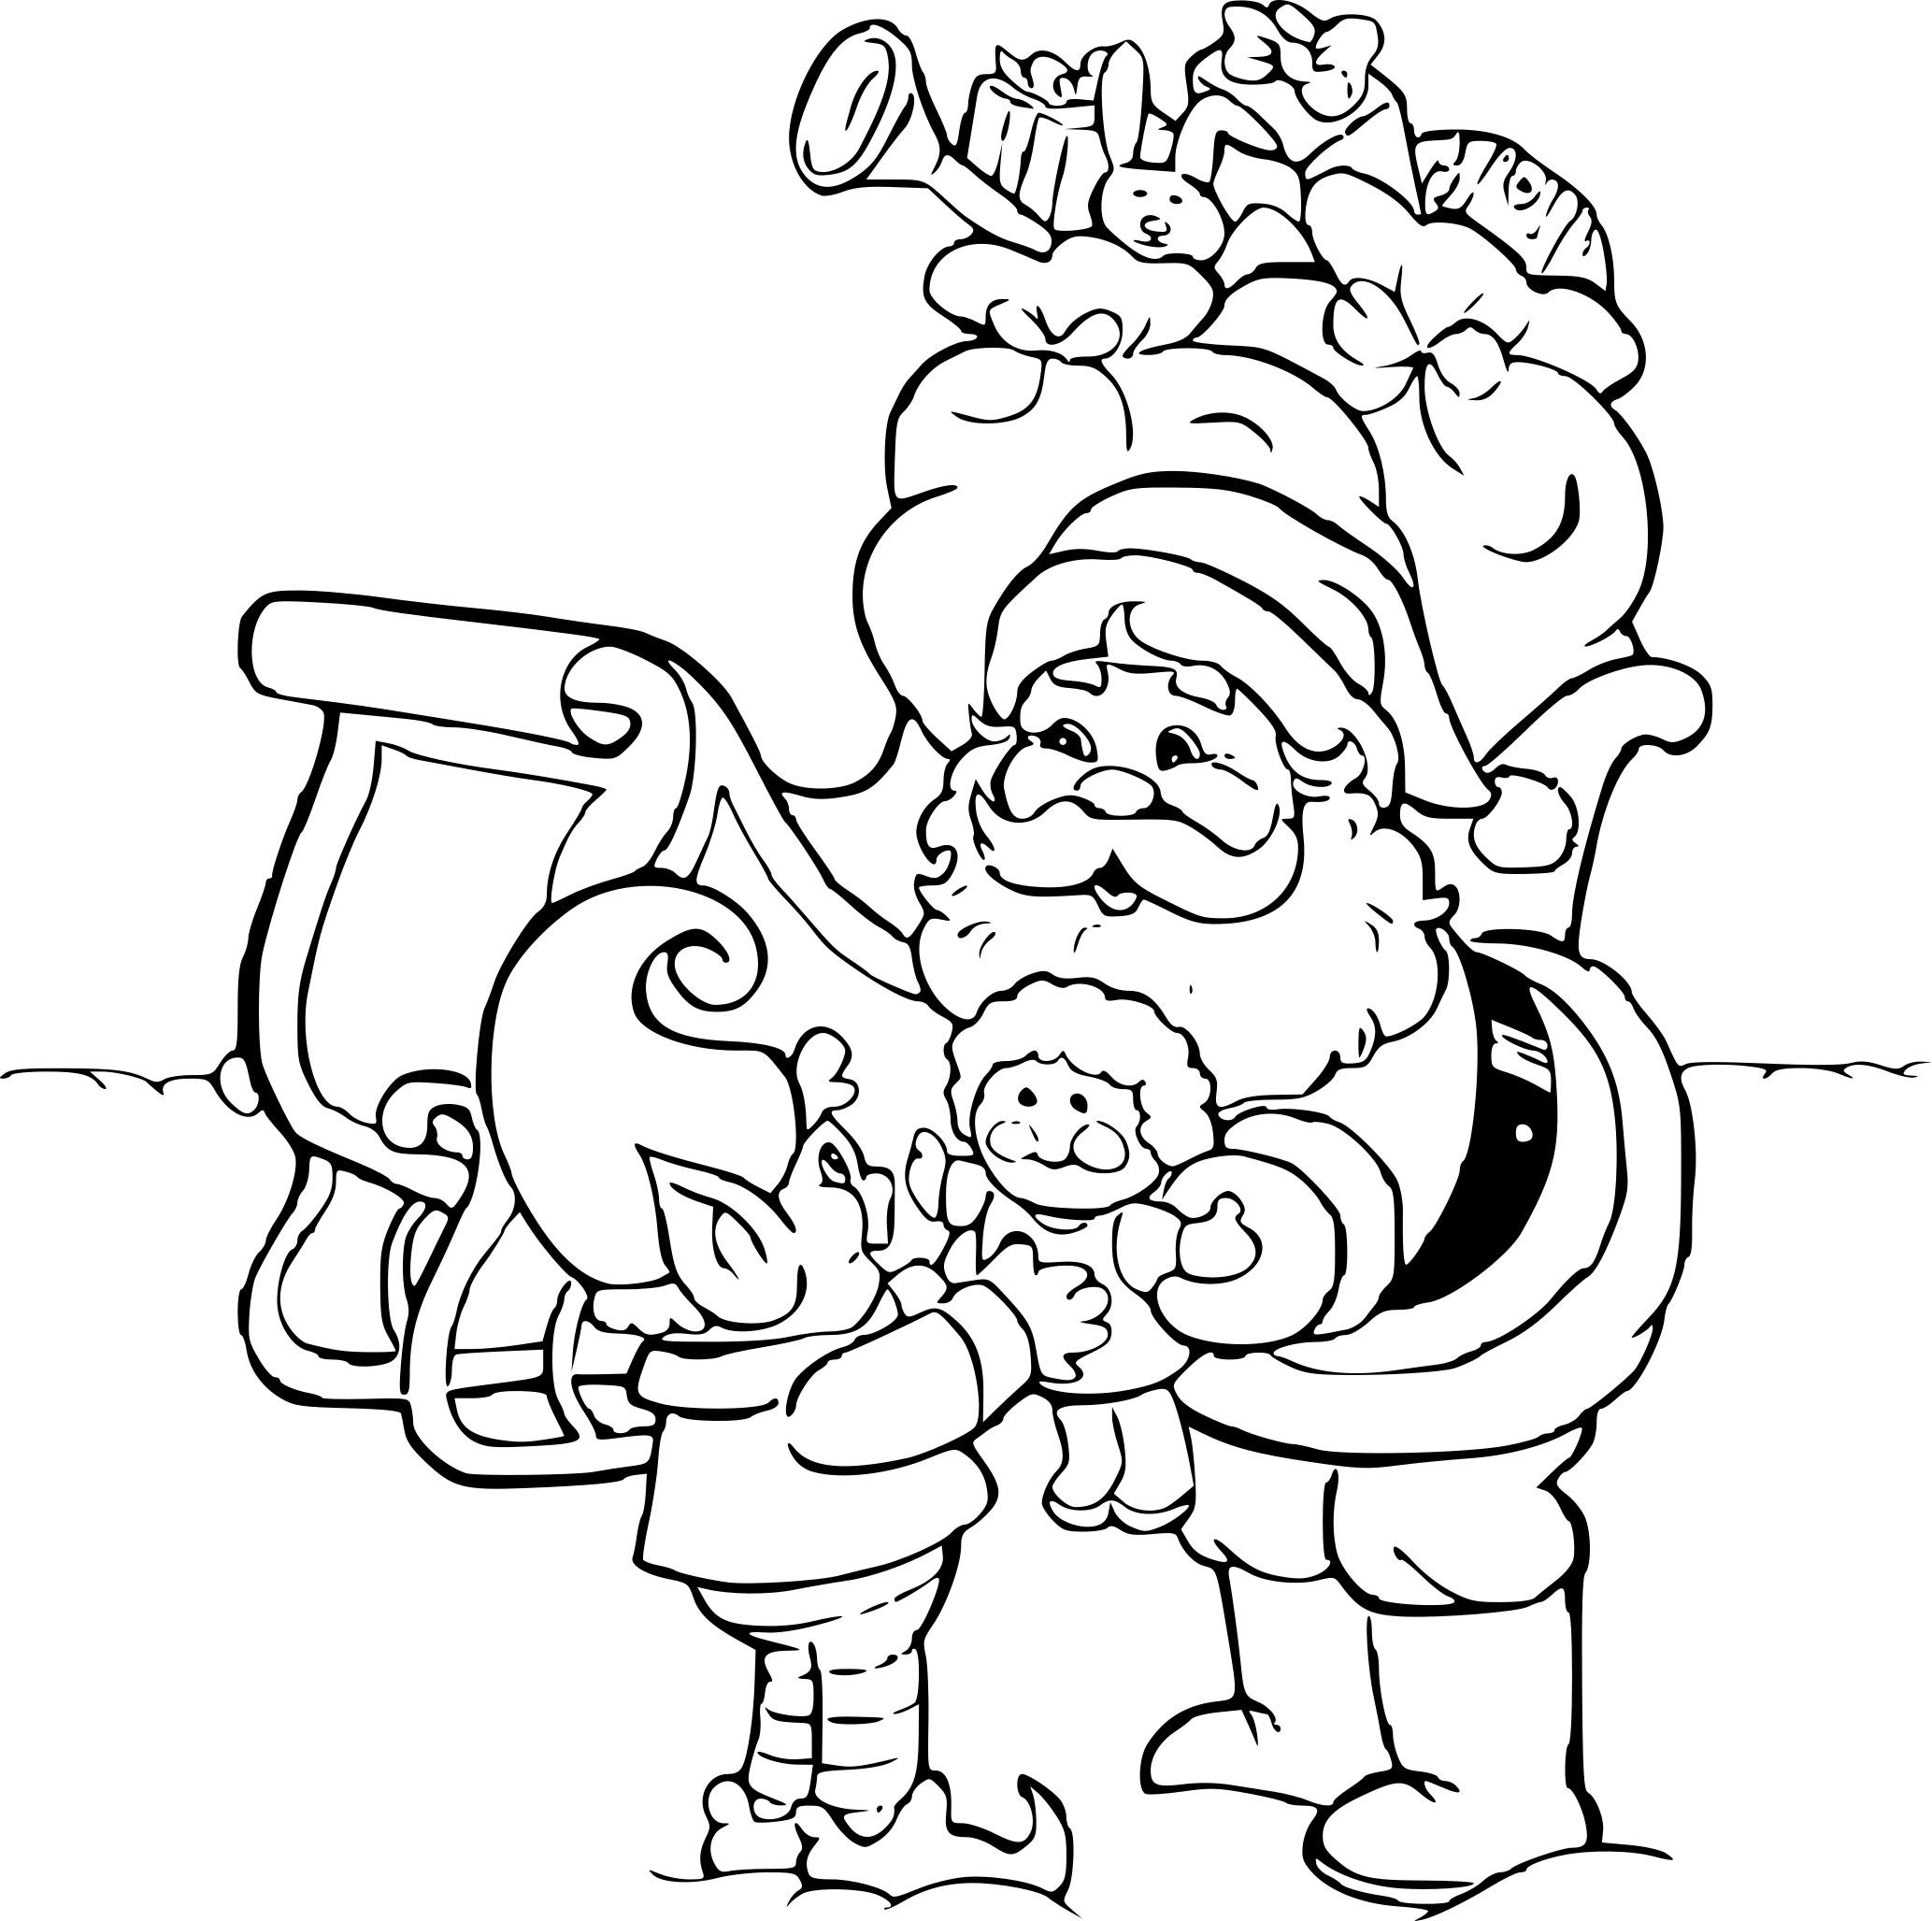 Coloriage Lutin Et Père Noël À Imprimer Sur Coloriages à Dessins Pere Noel Imprimer